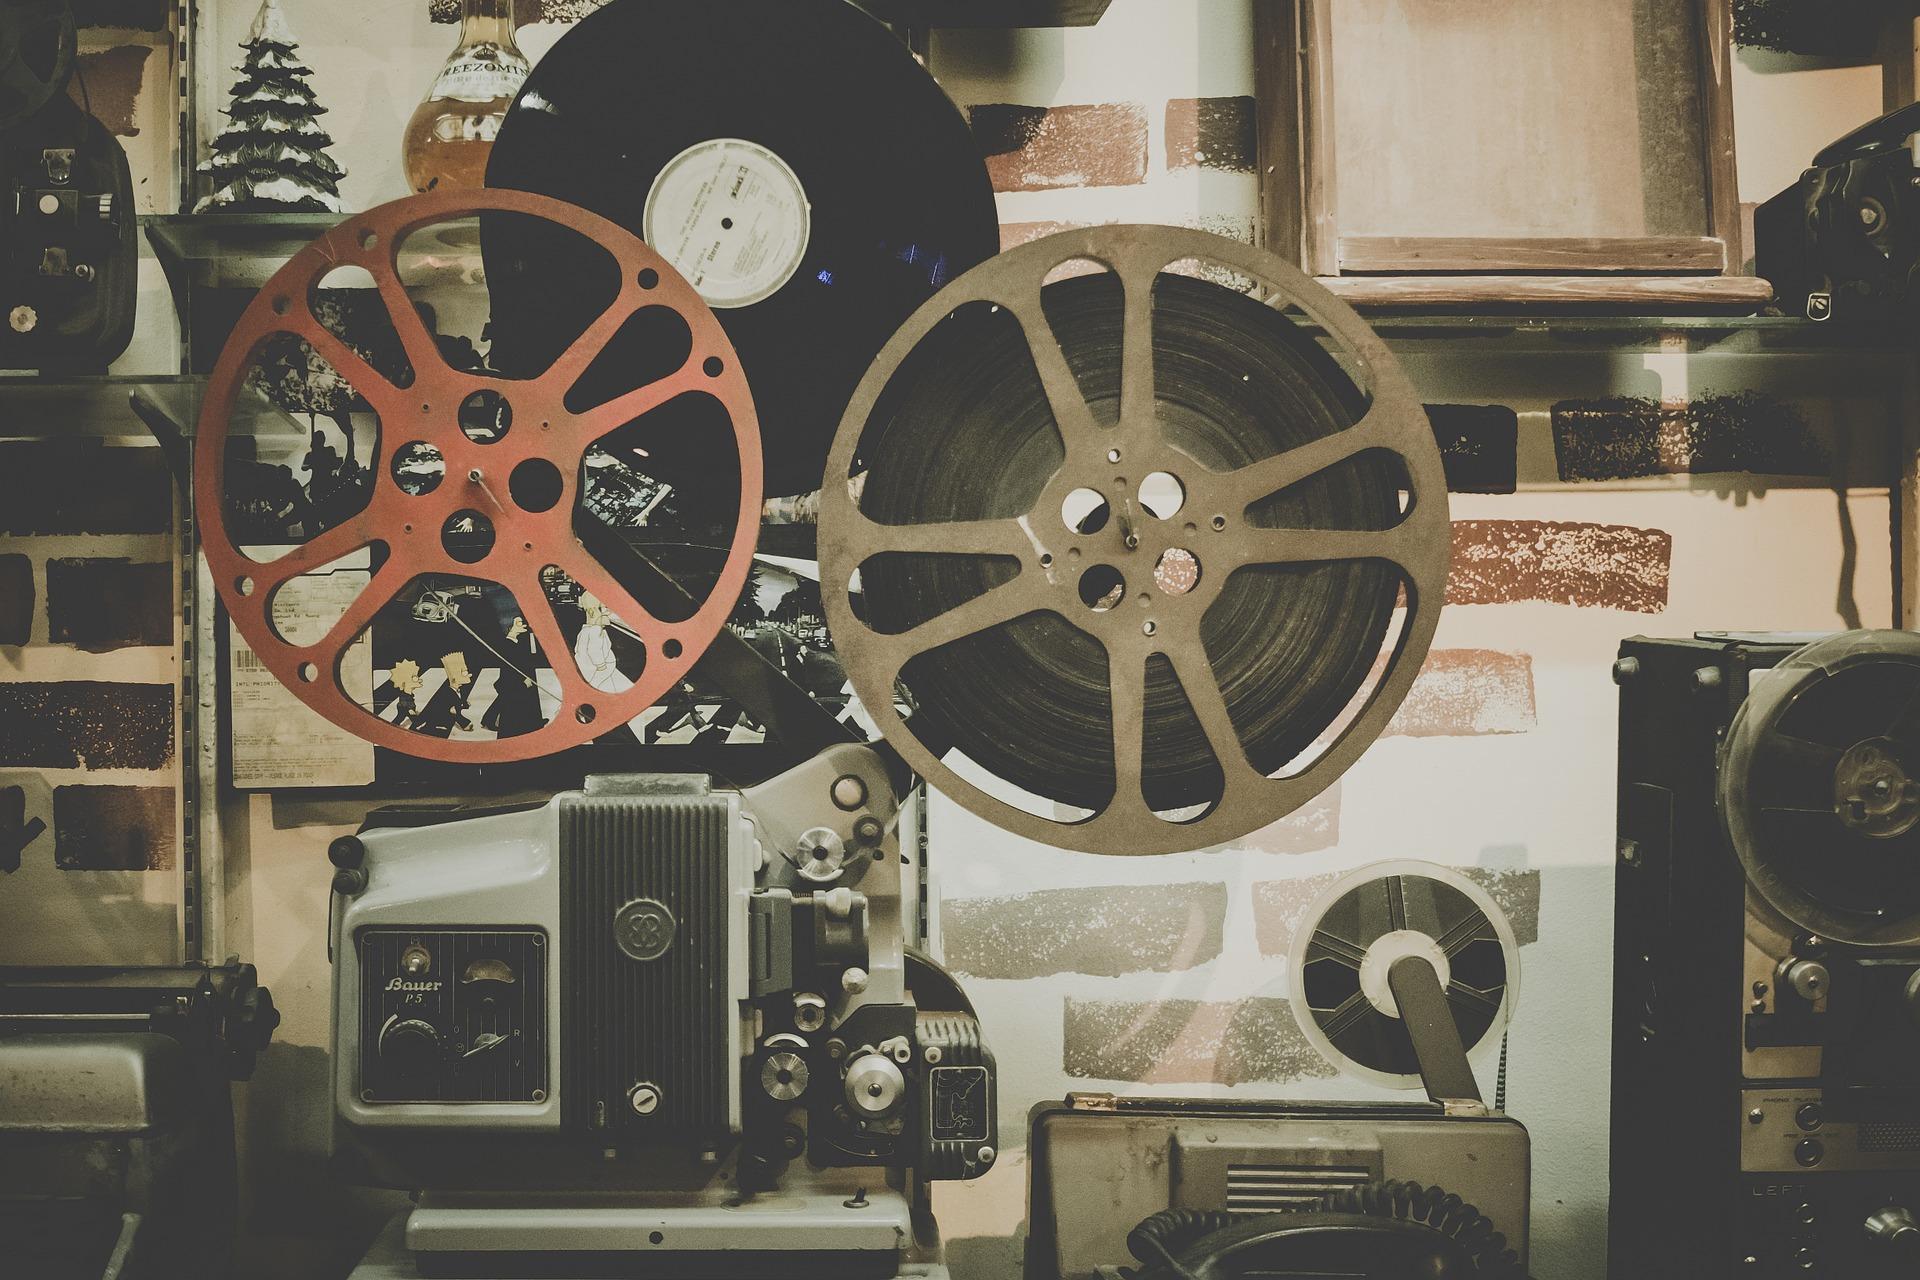 Pesquisa da mestranda Fernanda Teixeira (PPGACL) reúne informações inéditas sobre o cinema científico de B. J. Duarte